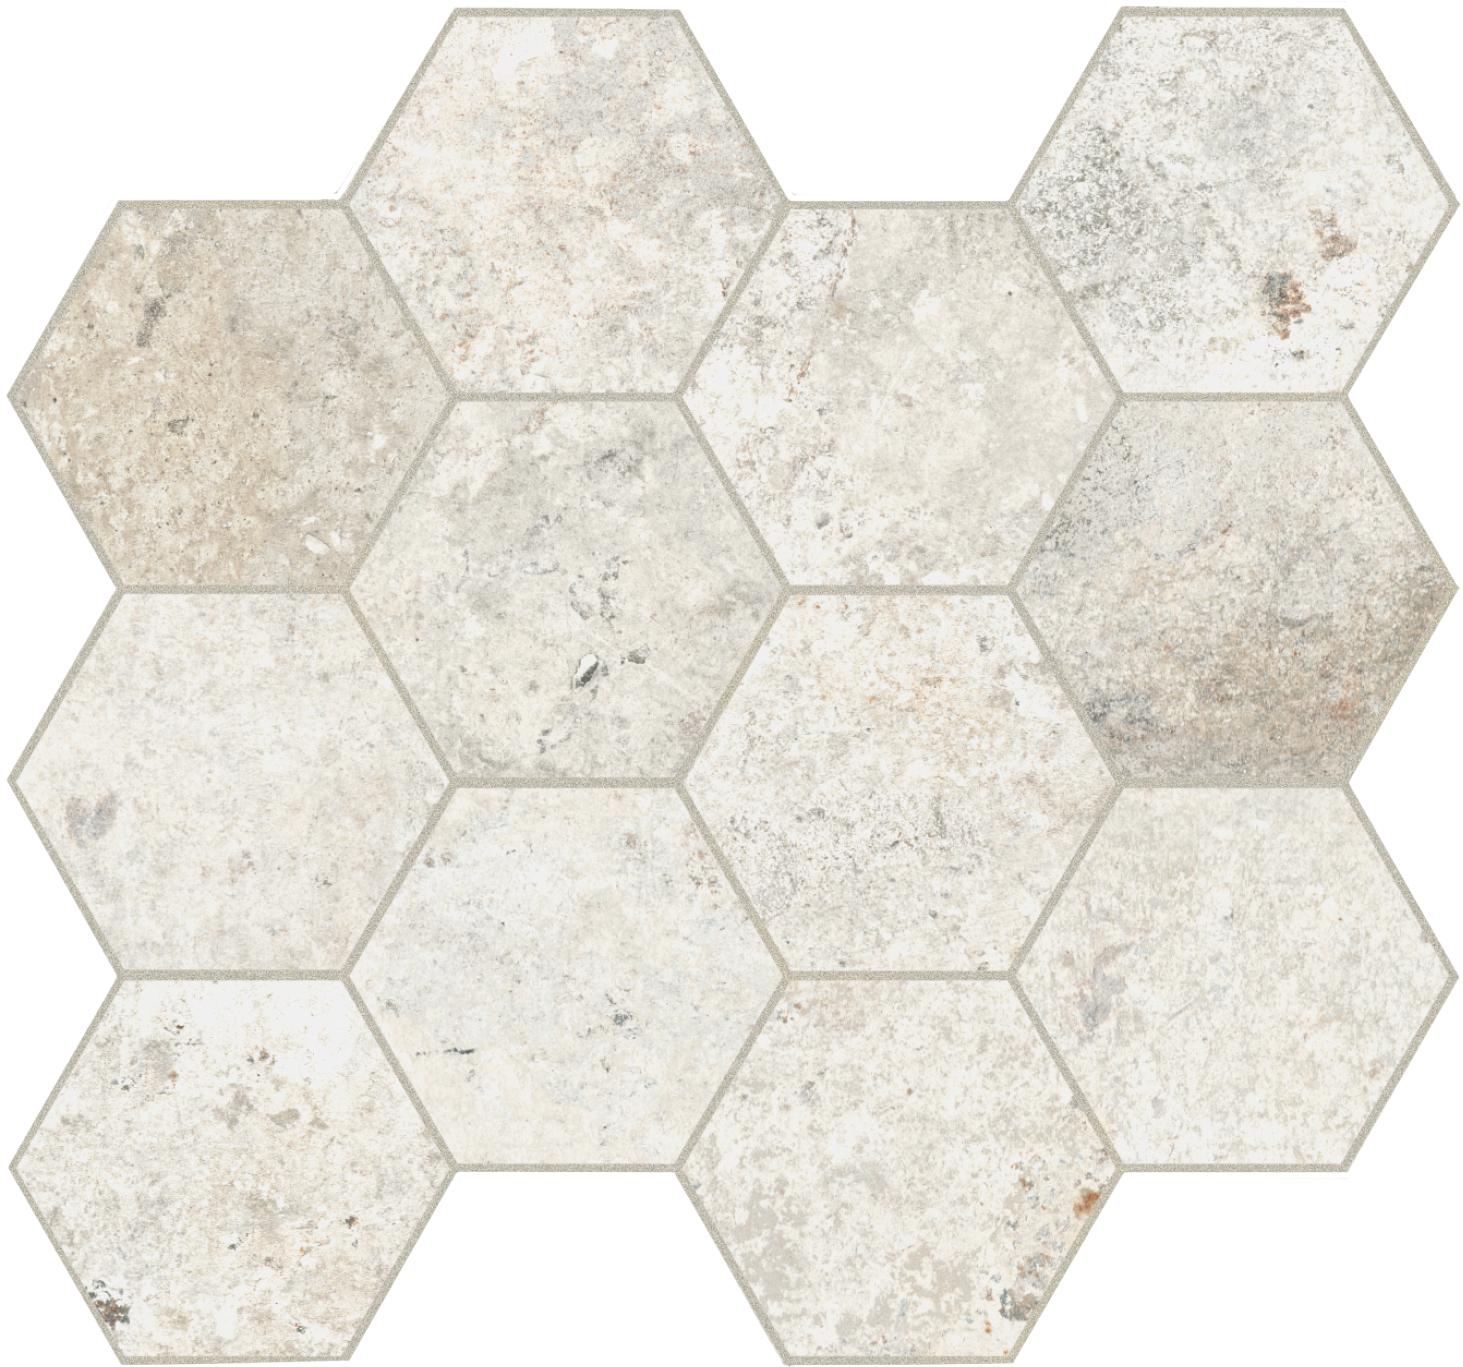 Unicom Starker DEBRIS TALC HEXAGON UNI-0008042 Mosaik 30x34 Matt